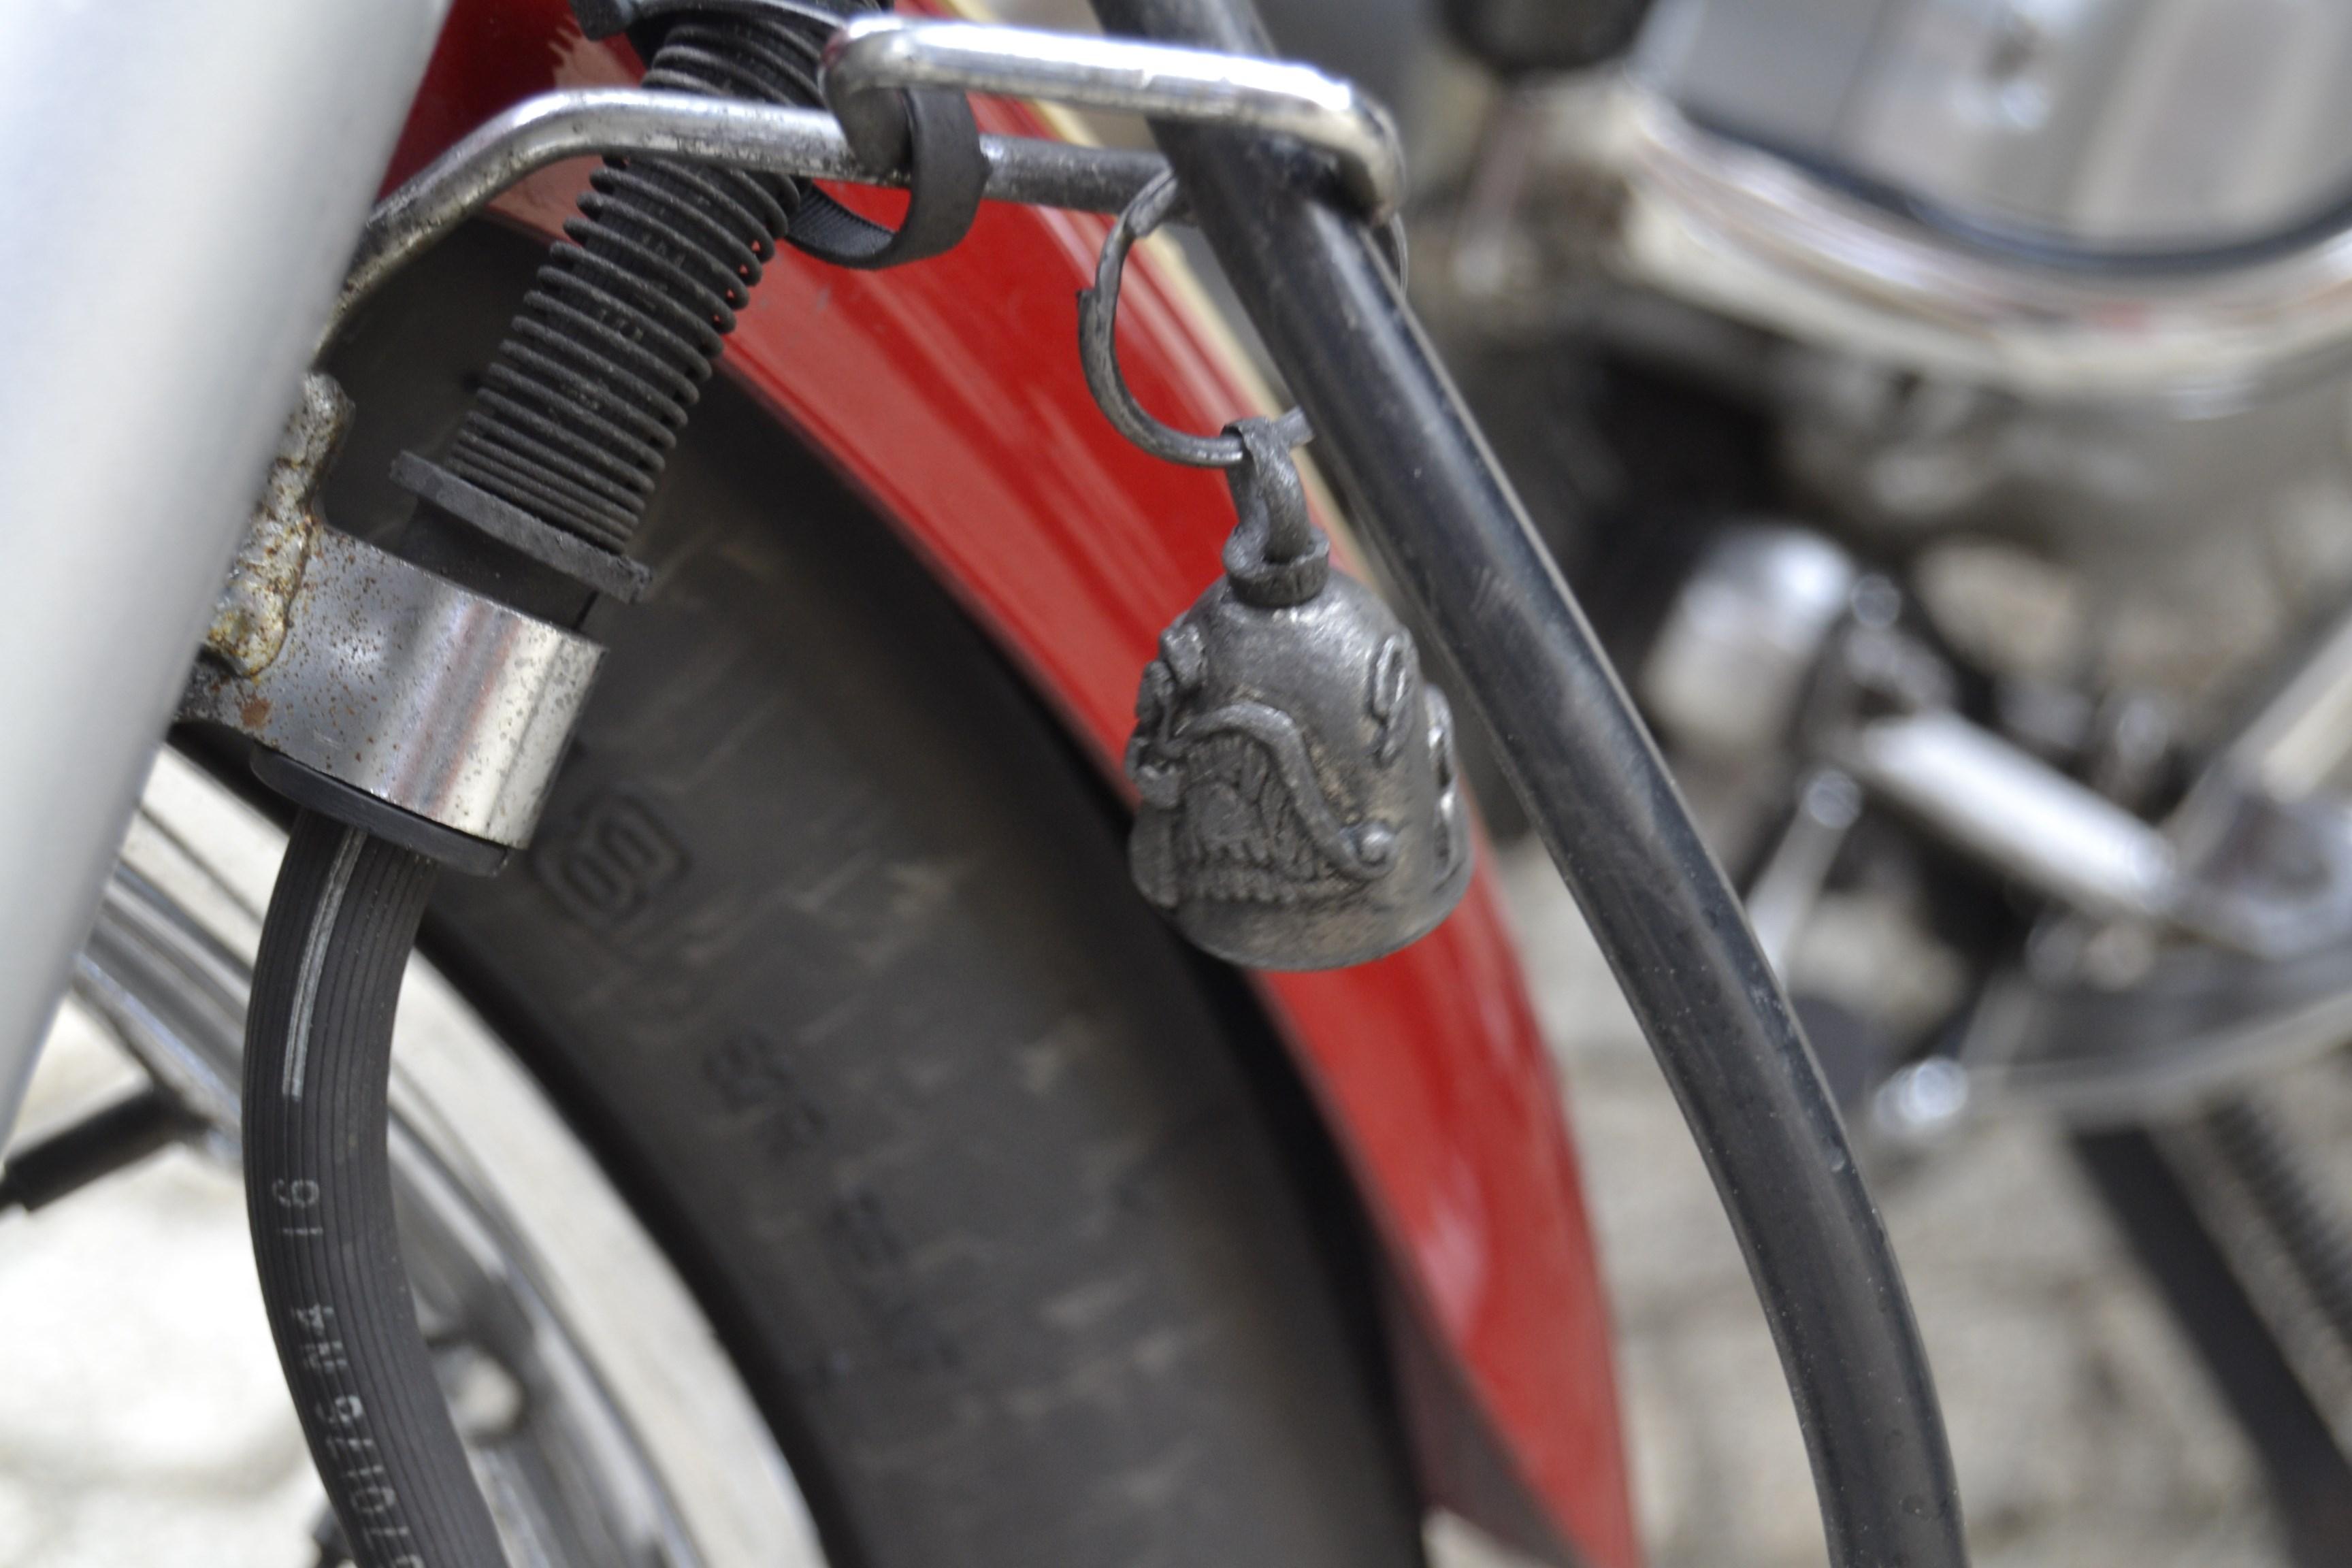 Dia do Motociclista - Viana do Castelo - 27.Abril.2014 - Página 6 14039169276_3de8e27671_o